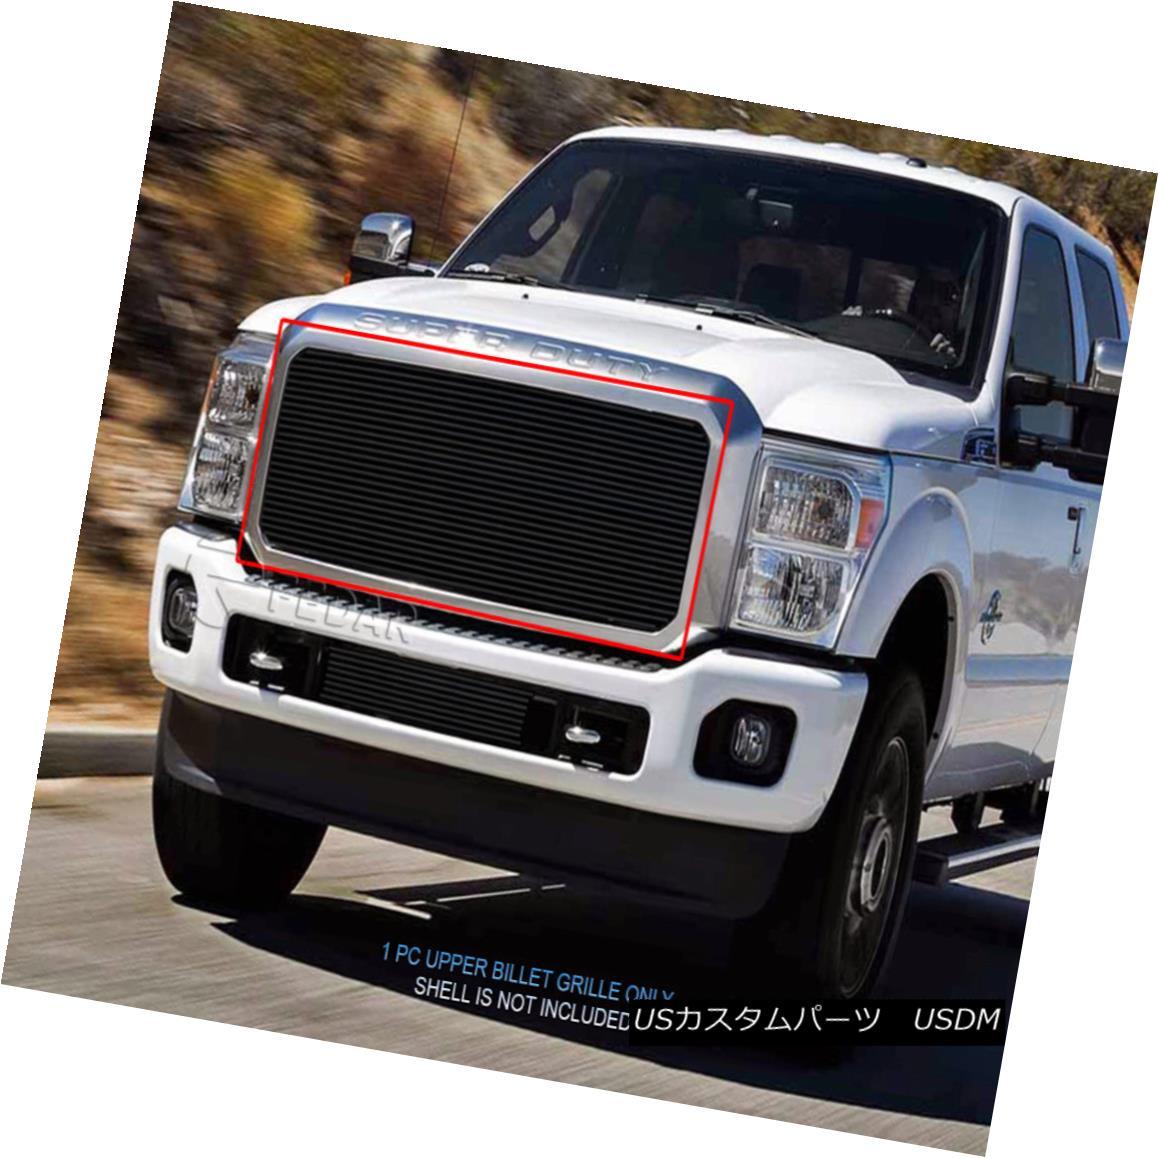 グリル Fits 2011-2016 Ford F250/F350/F450/F550 Super Duty Black Billet Grille Insert 2011-2016 Ford F250 / F350 / F450 / F550スーパーデューティブラックビレットグリルインサート